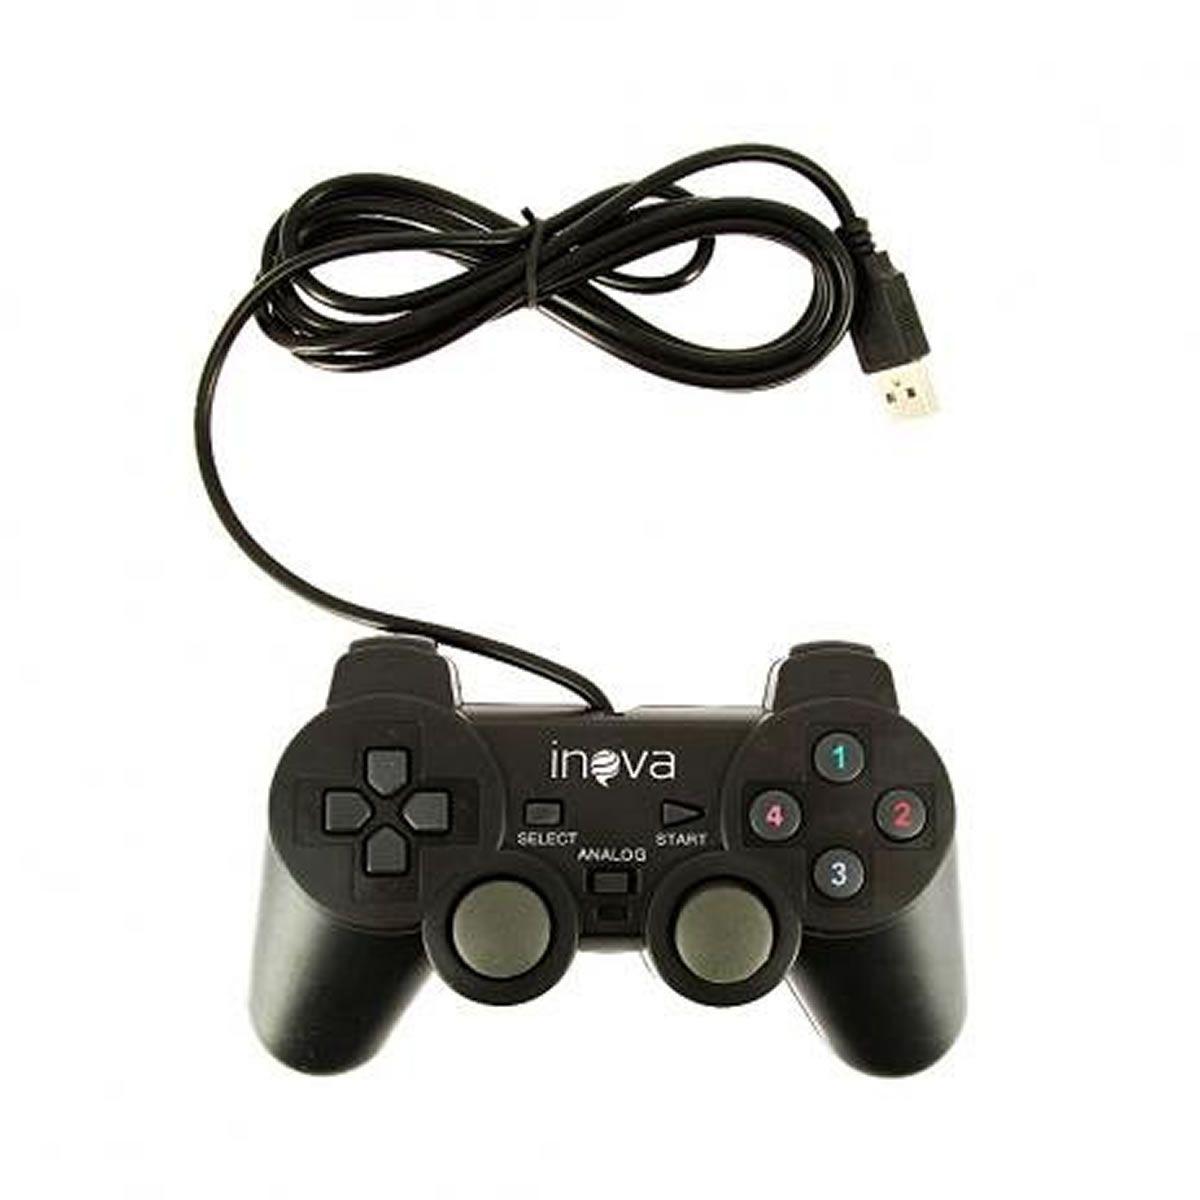 Joystick Controle com fio USB para jogos em PC Inova